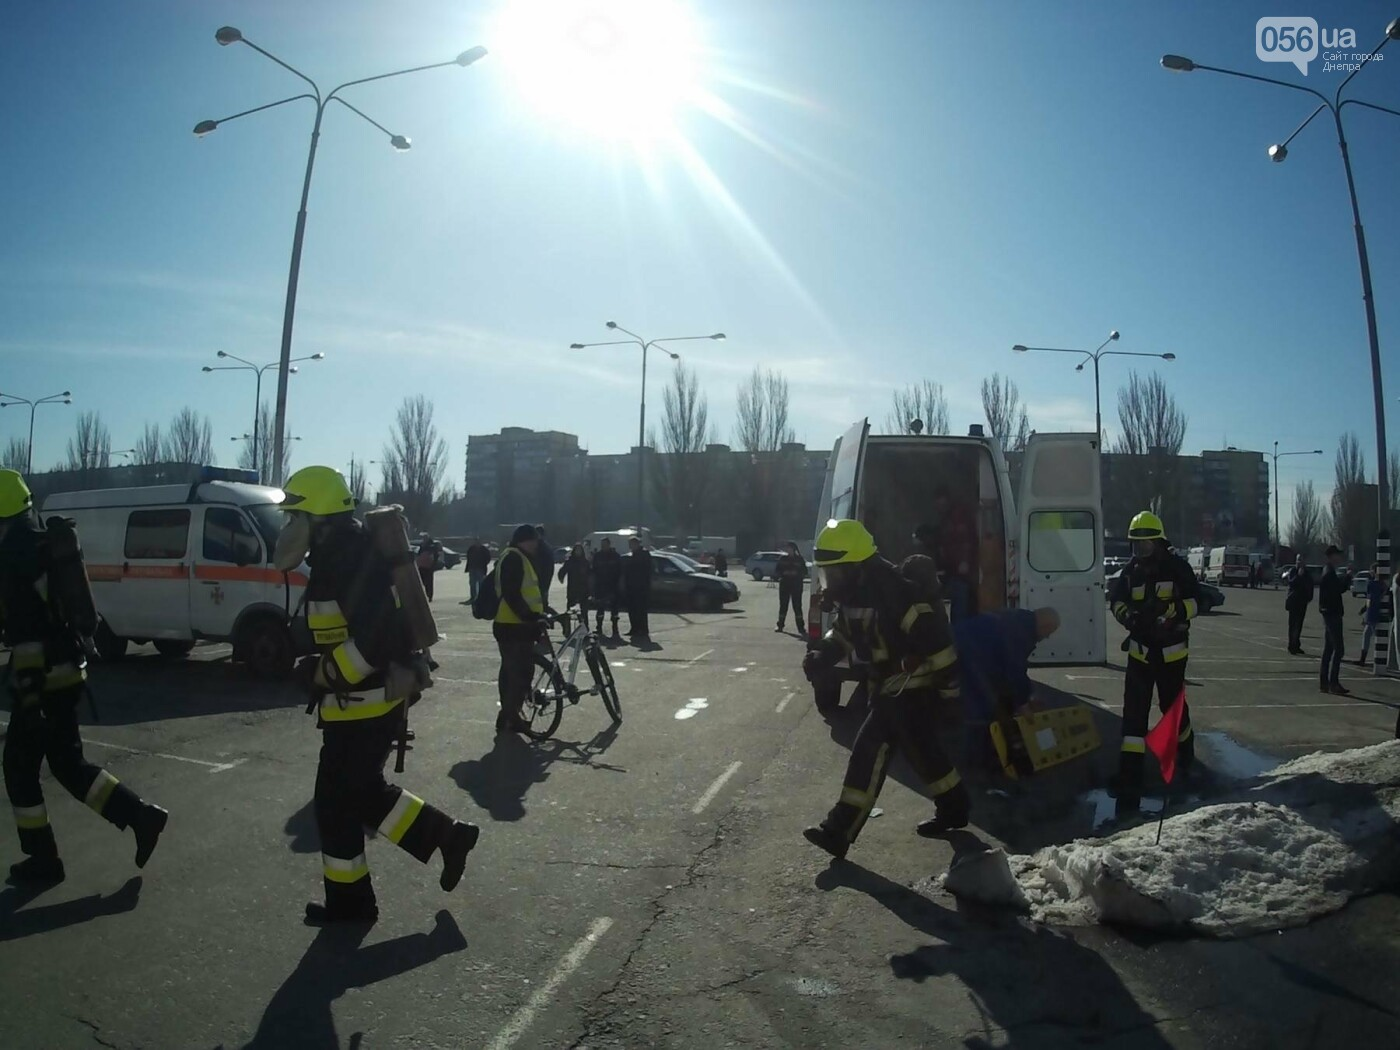 В Днепре спасатели эвакуировали персонал и посетителей из «Каравана» (ФОТО, ВИДЕО), фото-2